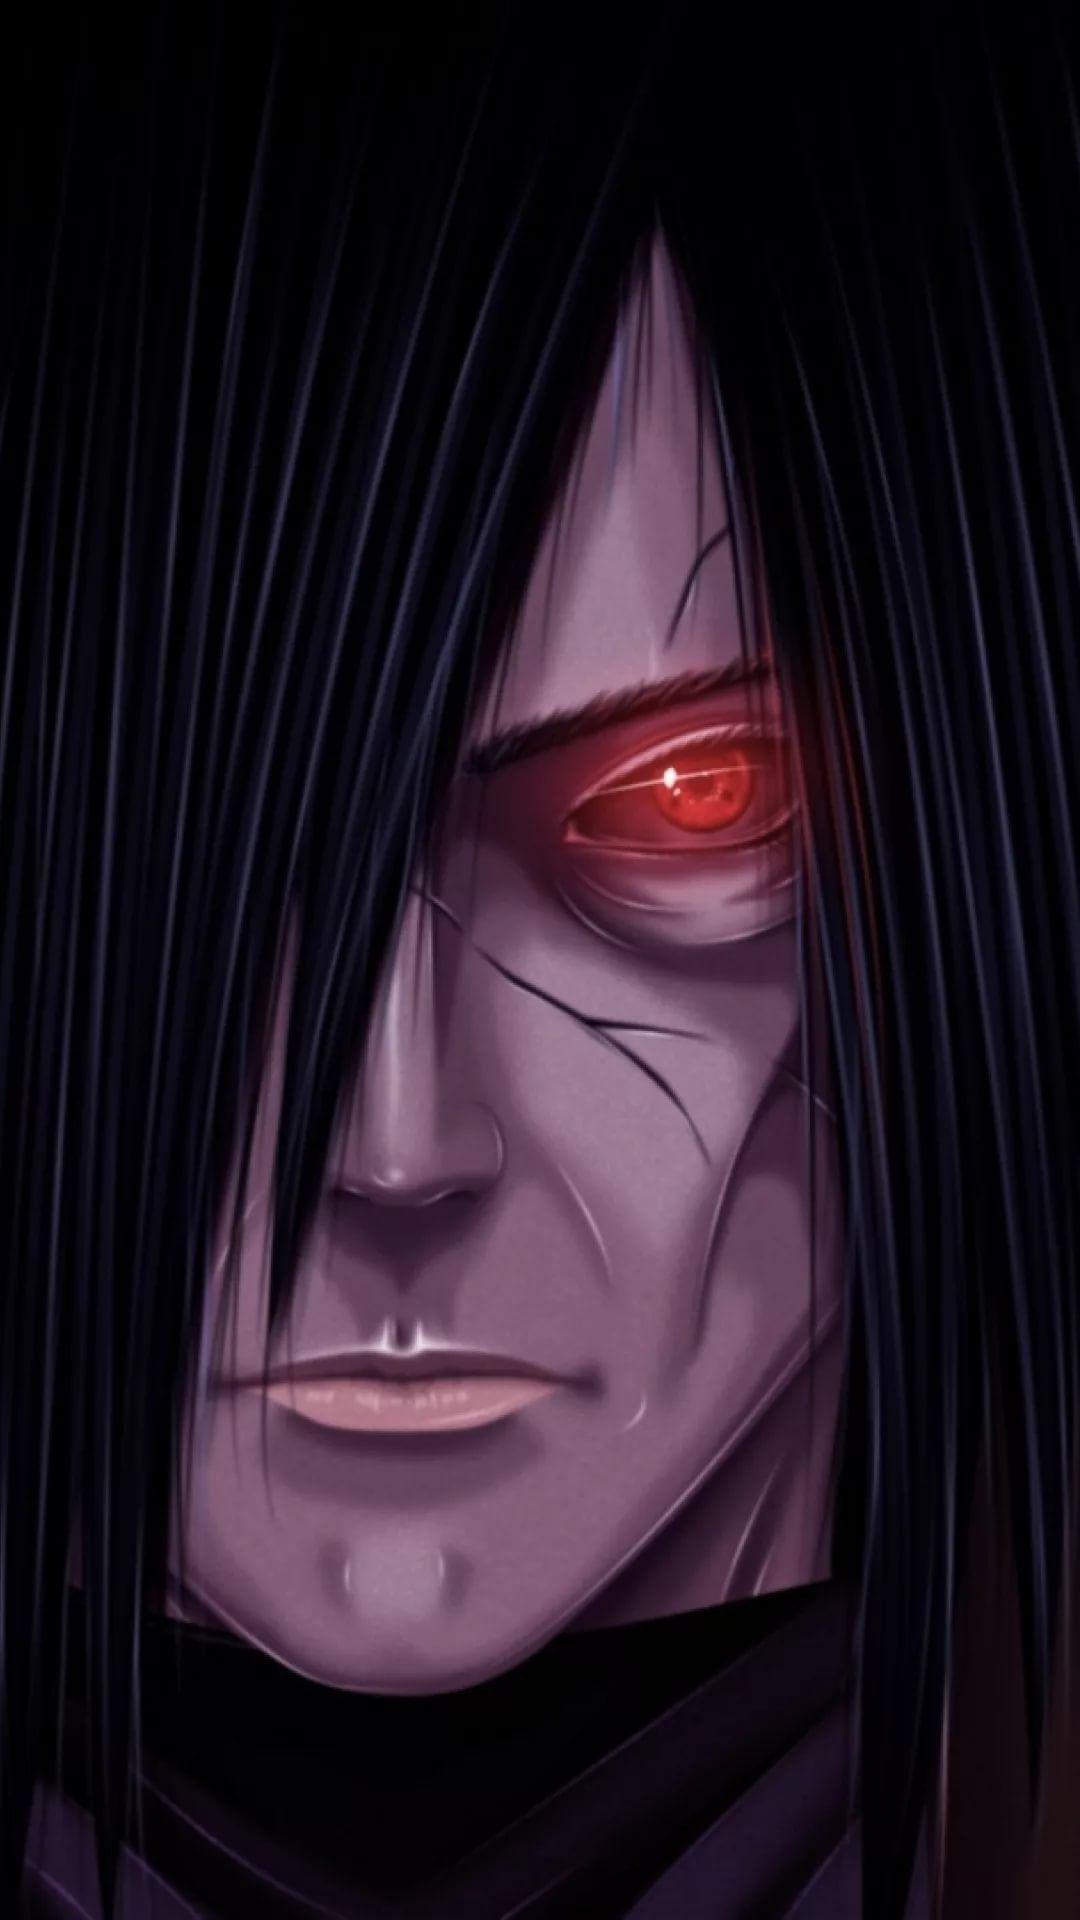 Sasuke wallpaper for Android